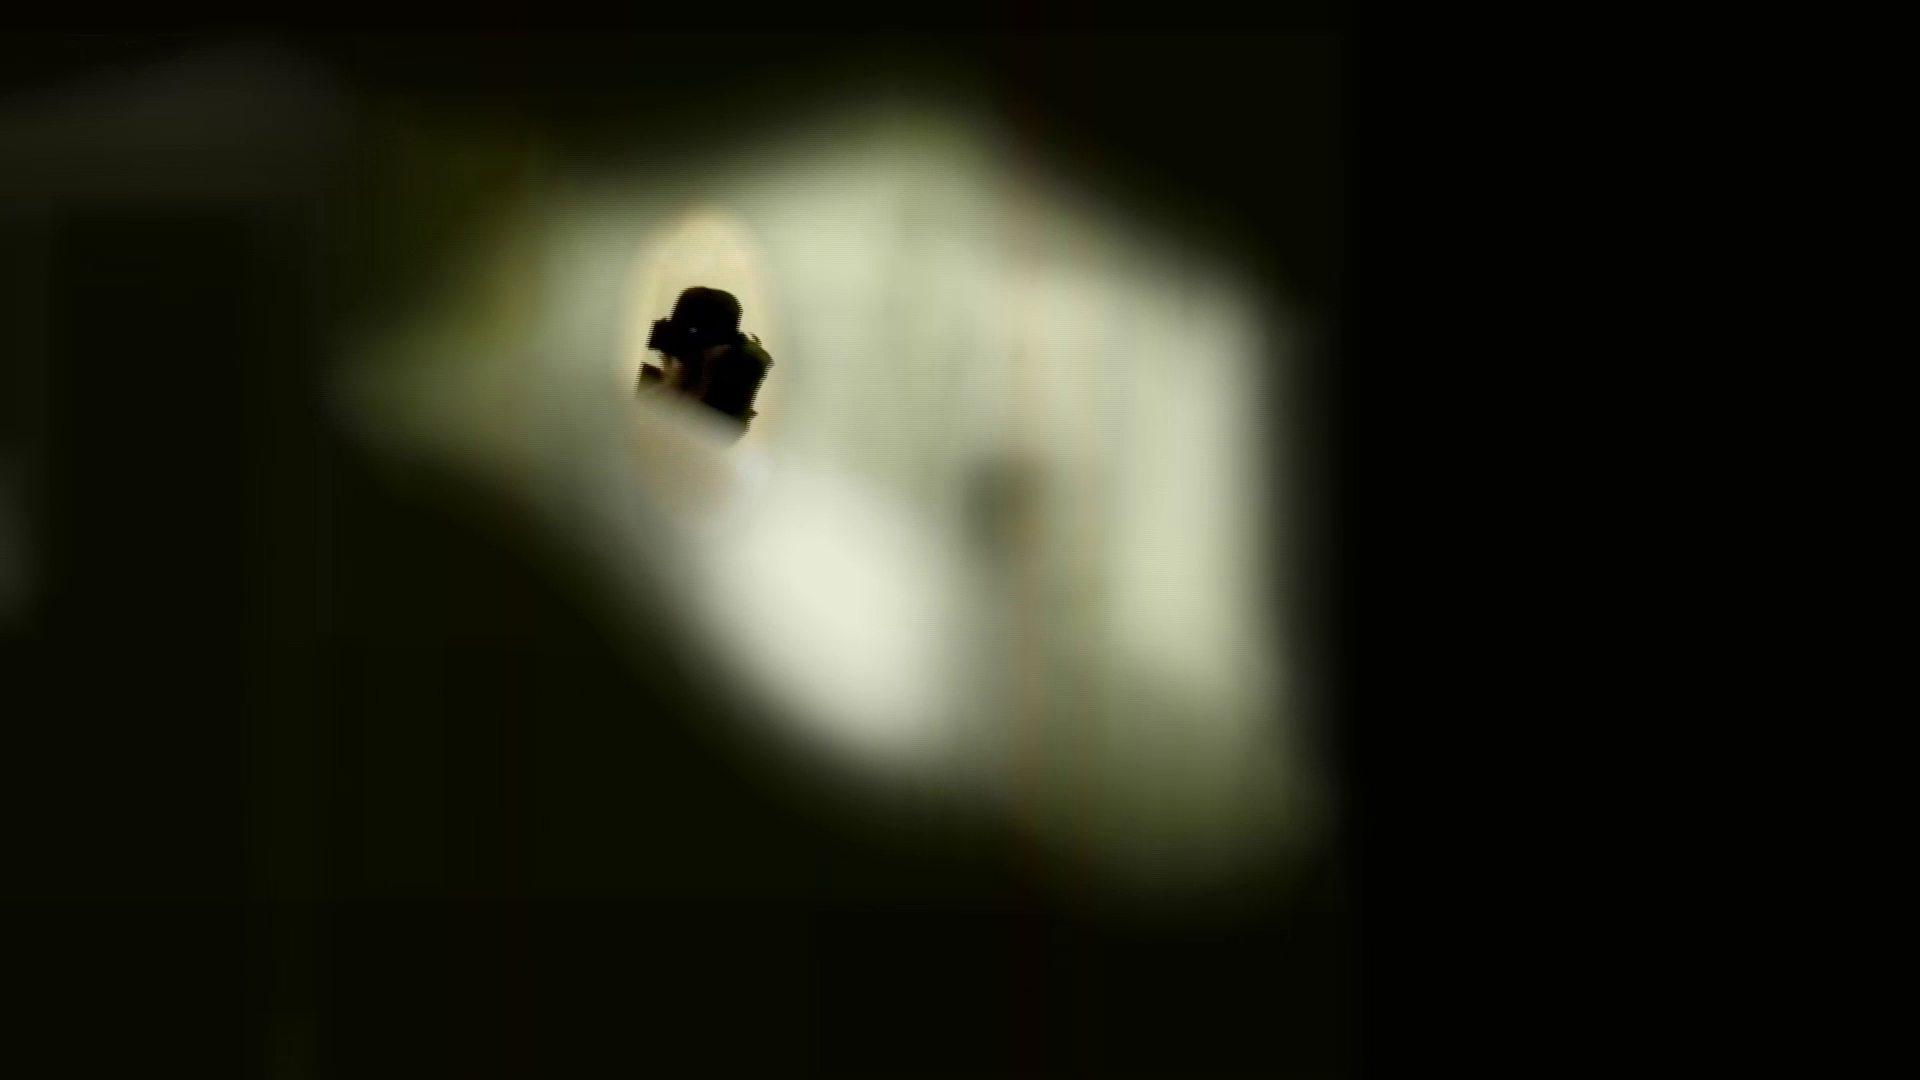 新世界の射窓 No78 トリンドル 玲奈似登場シリーズ美女率最高作! 高画質 えろ無修正画像 112枚 22